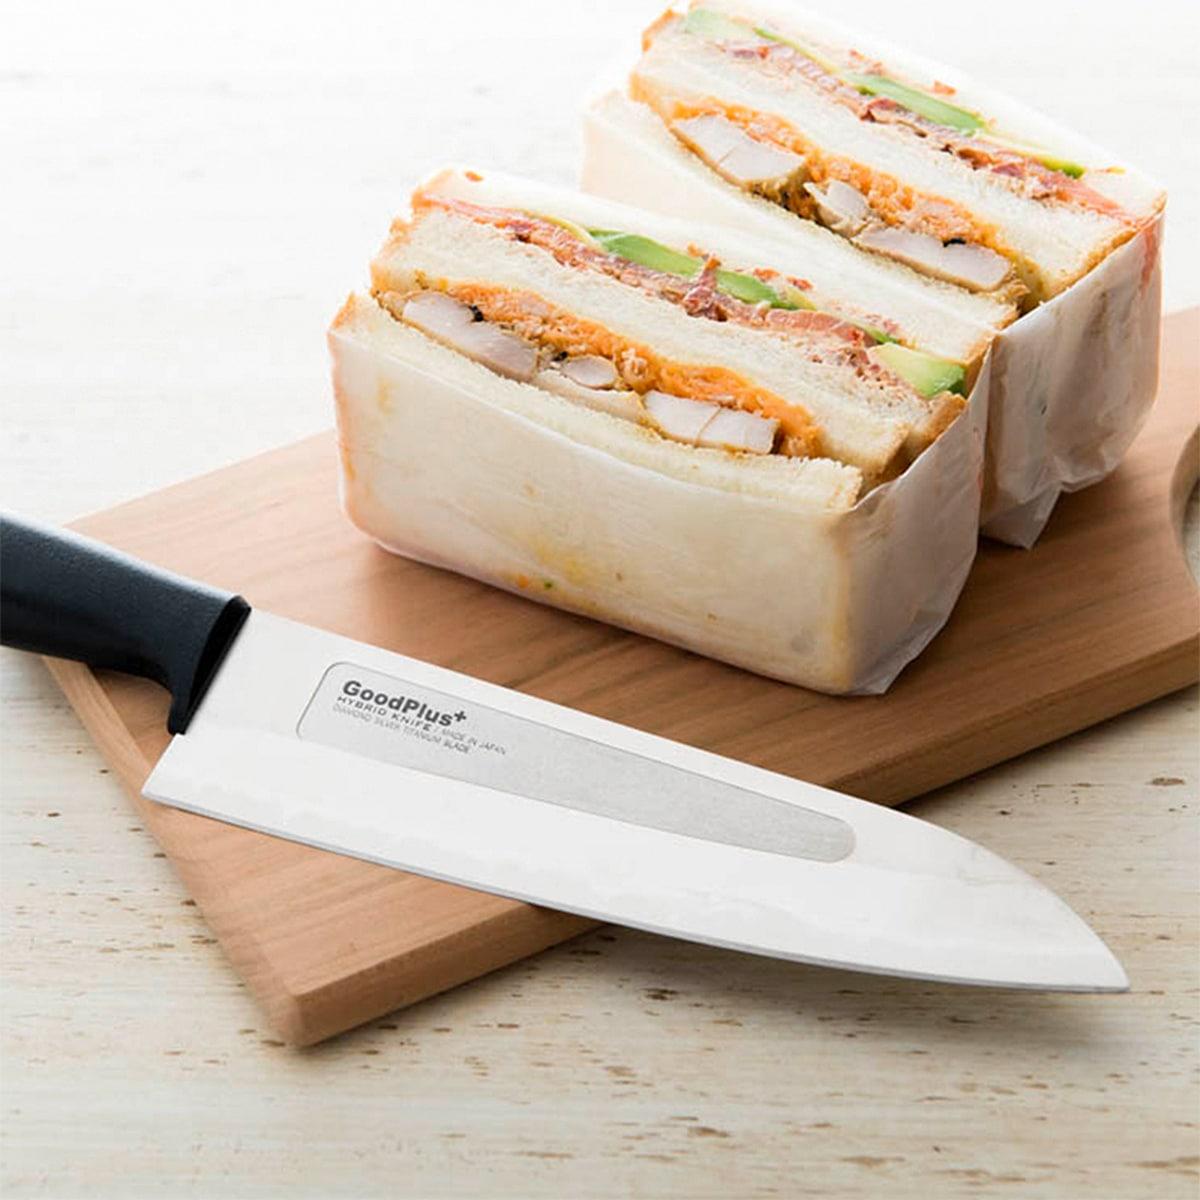 ワンランク上の切れ味 ハイブリッドキッチンナイフシリーズ